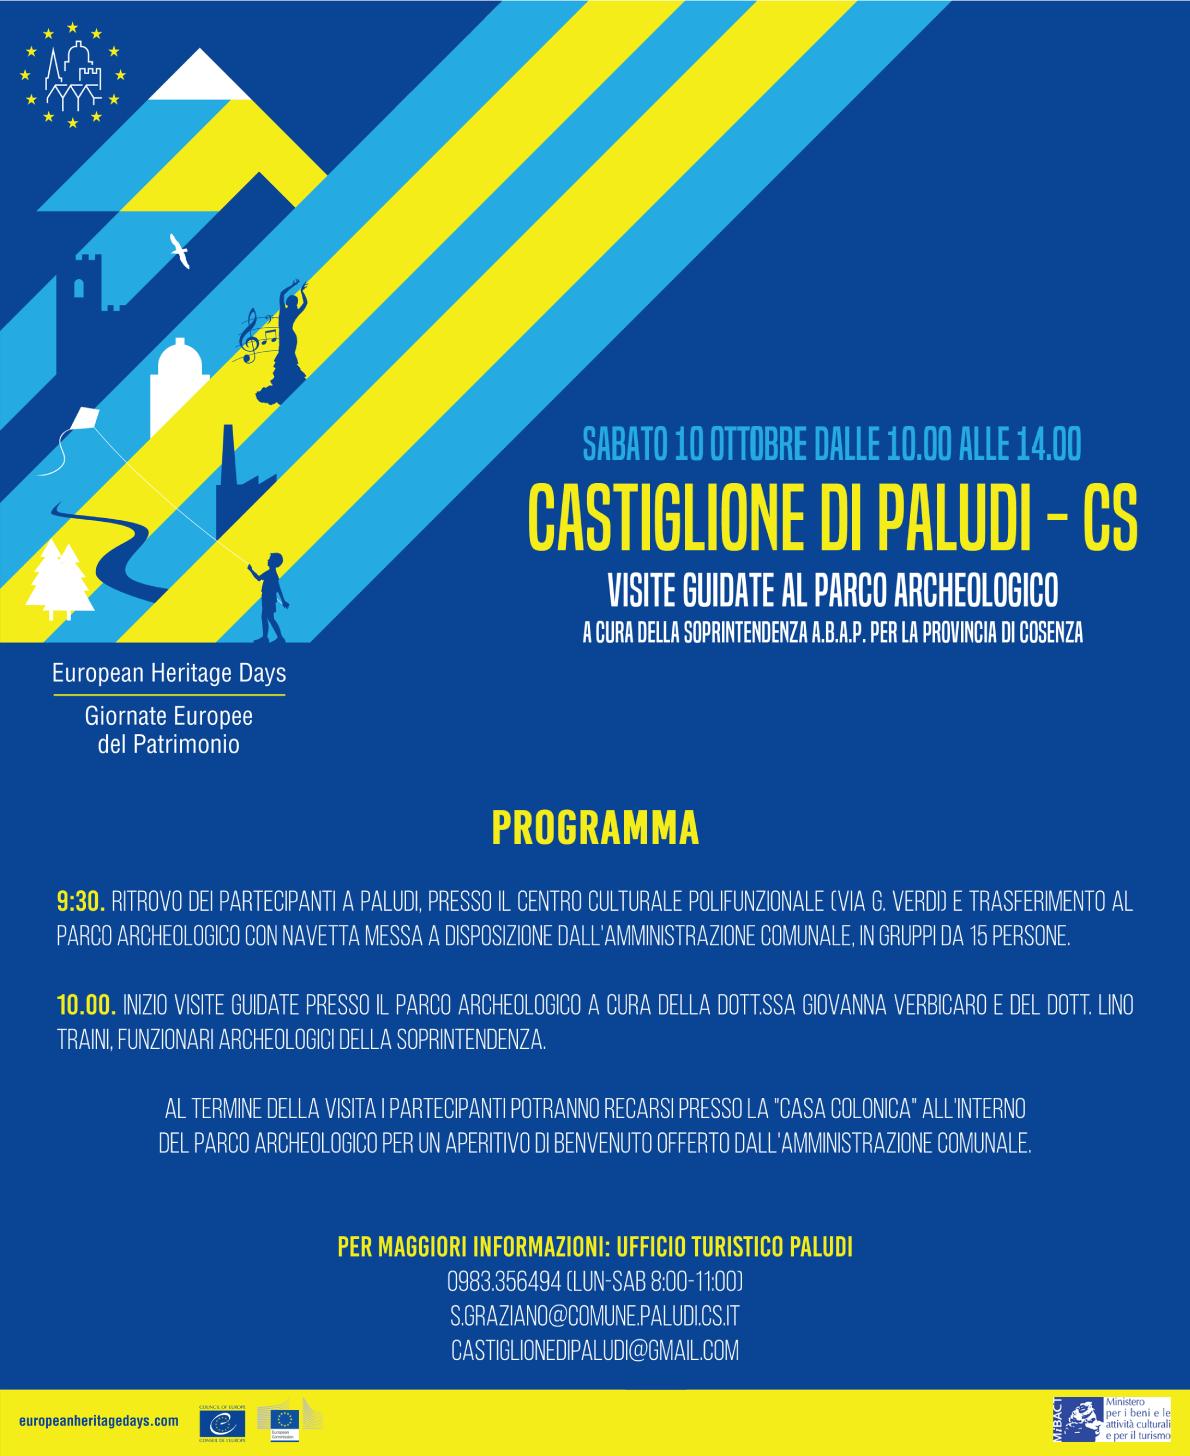 GEP-2020 - Parco Archeologico Castiglione di Paludi - Visite Guidate